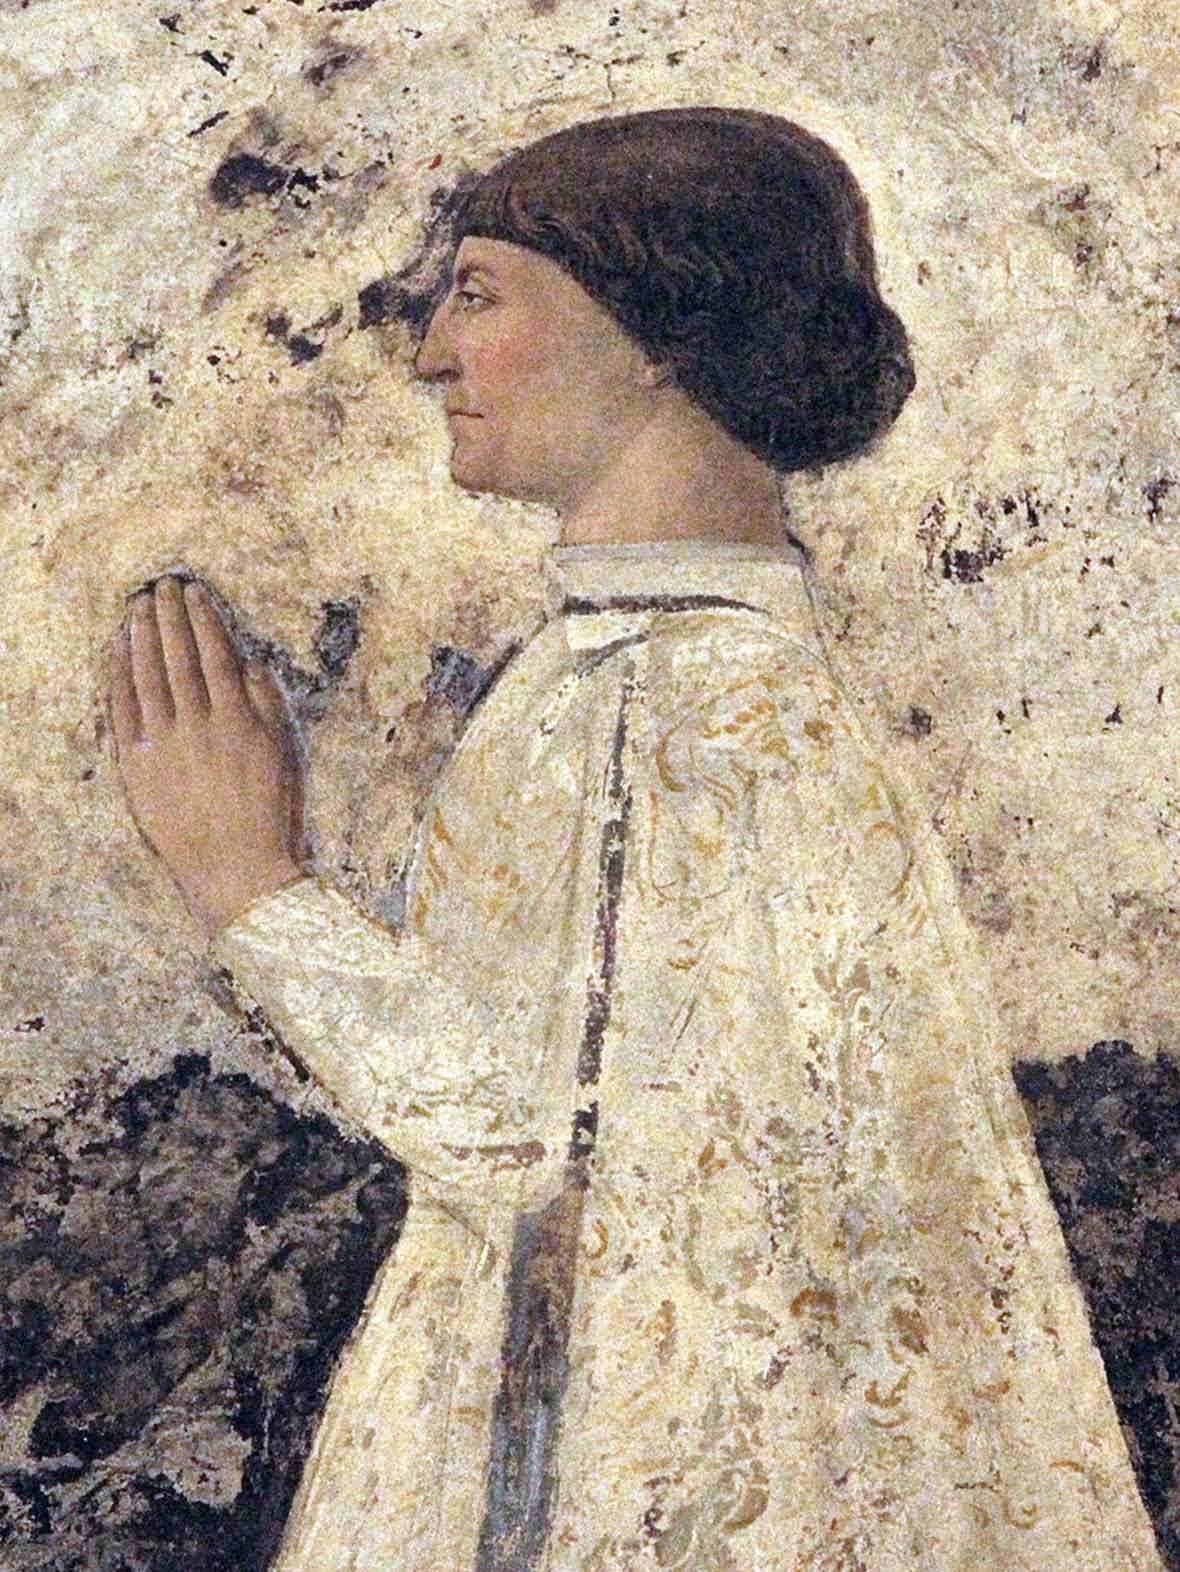 Piero della Francesca, Sigismondo Pandolfo Malatesta in preghiera davanti a san Sigismondo, 1451, particolare Sigismondo Pandolfo Malatesta in preghiera, Tempio Malatestiano, Rimini